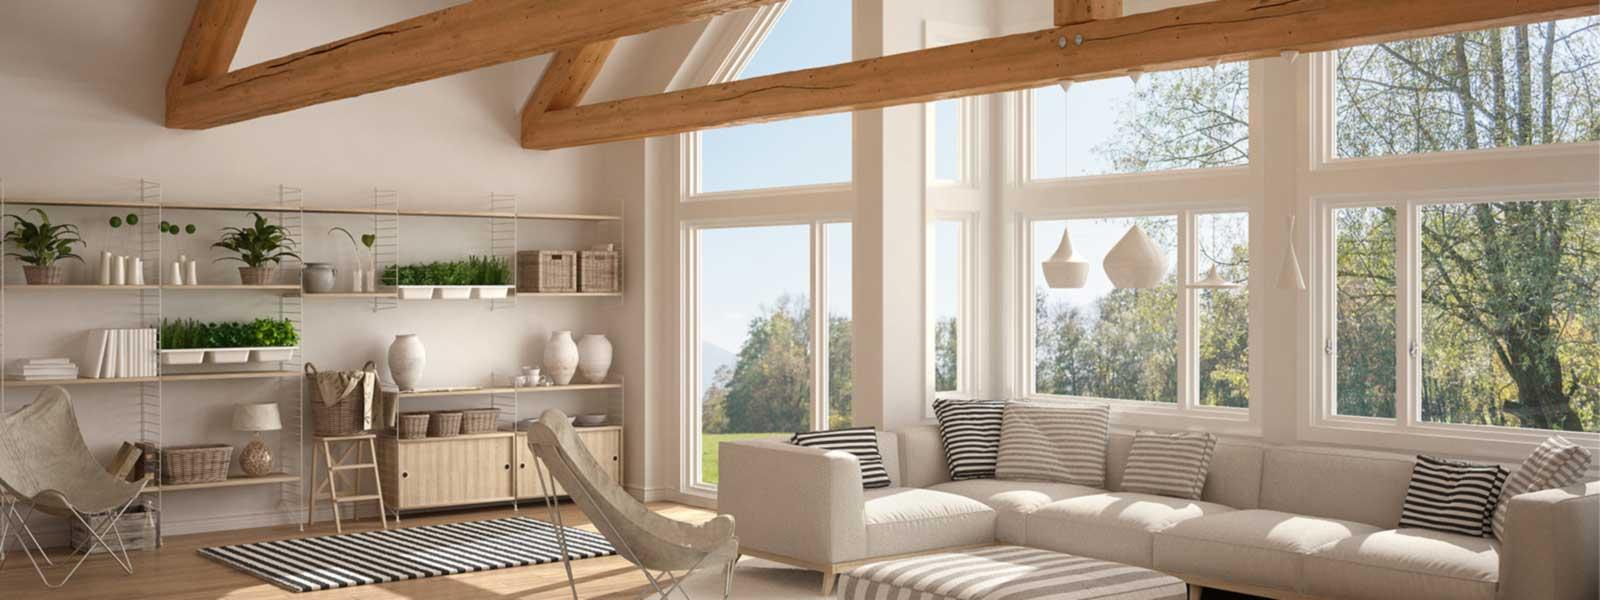 Helle Wohnung mit großer Fensterfront